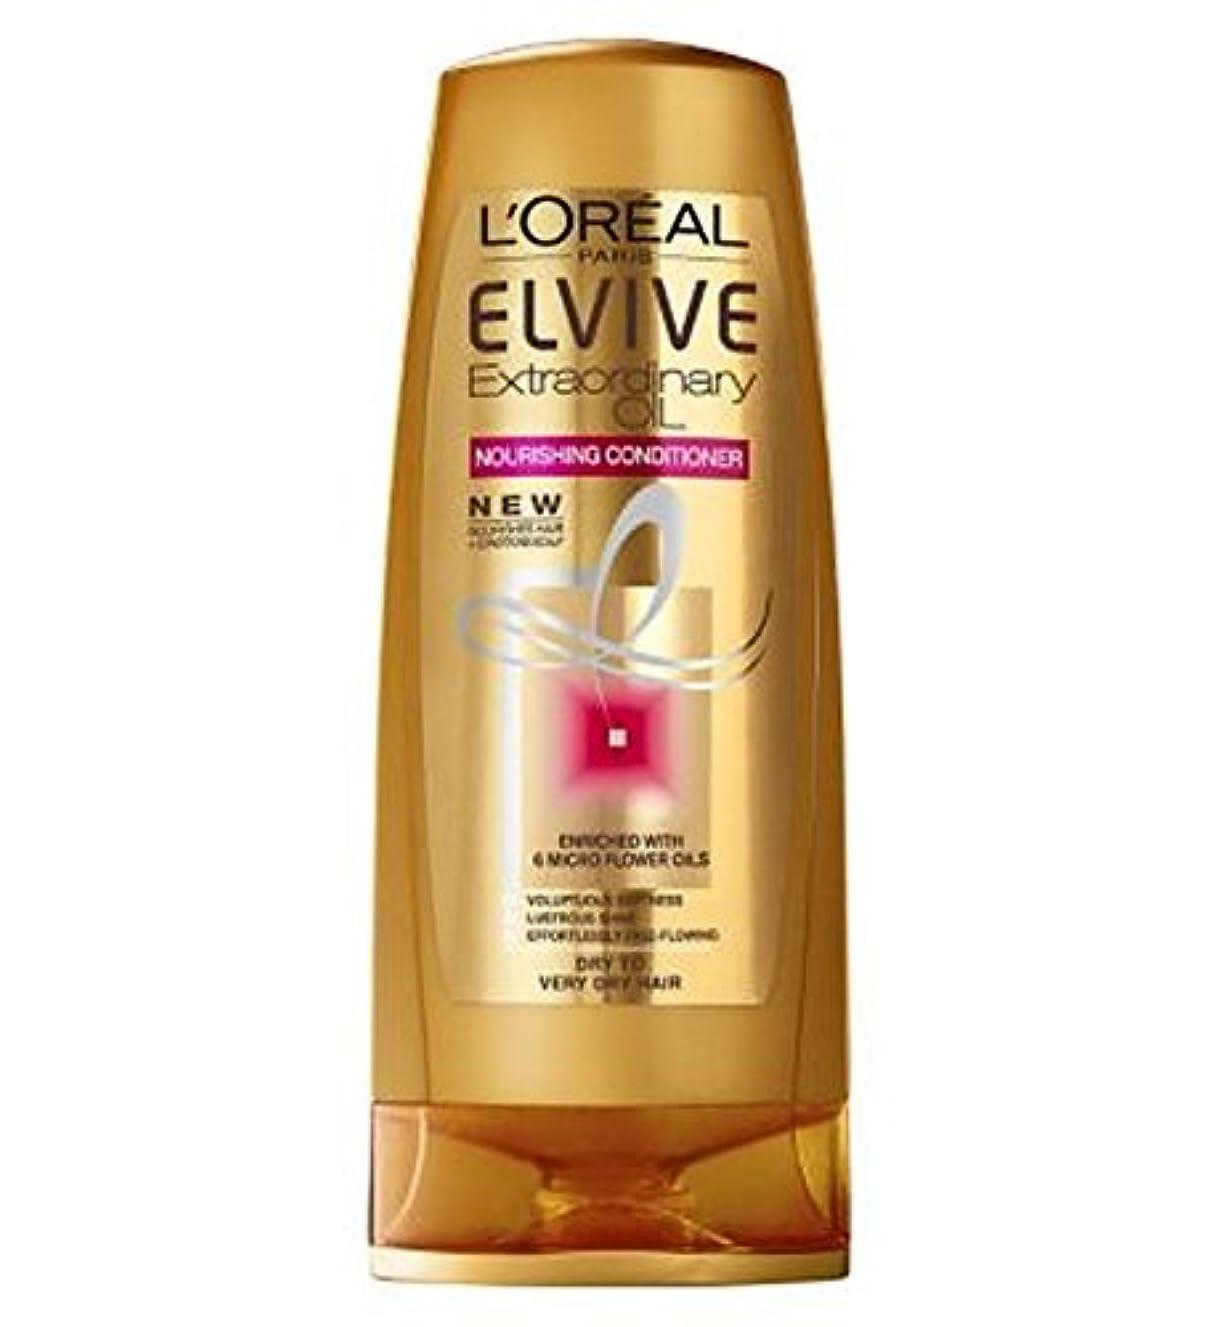 登場運搬ホラーラフヘア250ミリリットルにコンディショナードライ栄養ロレアルElvive臨時油 (L'Oreal) (x2) - L'Oreal Elvive Extraordinary Oils Nourishing Conditioner...